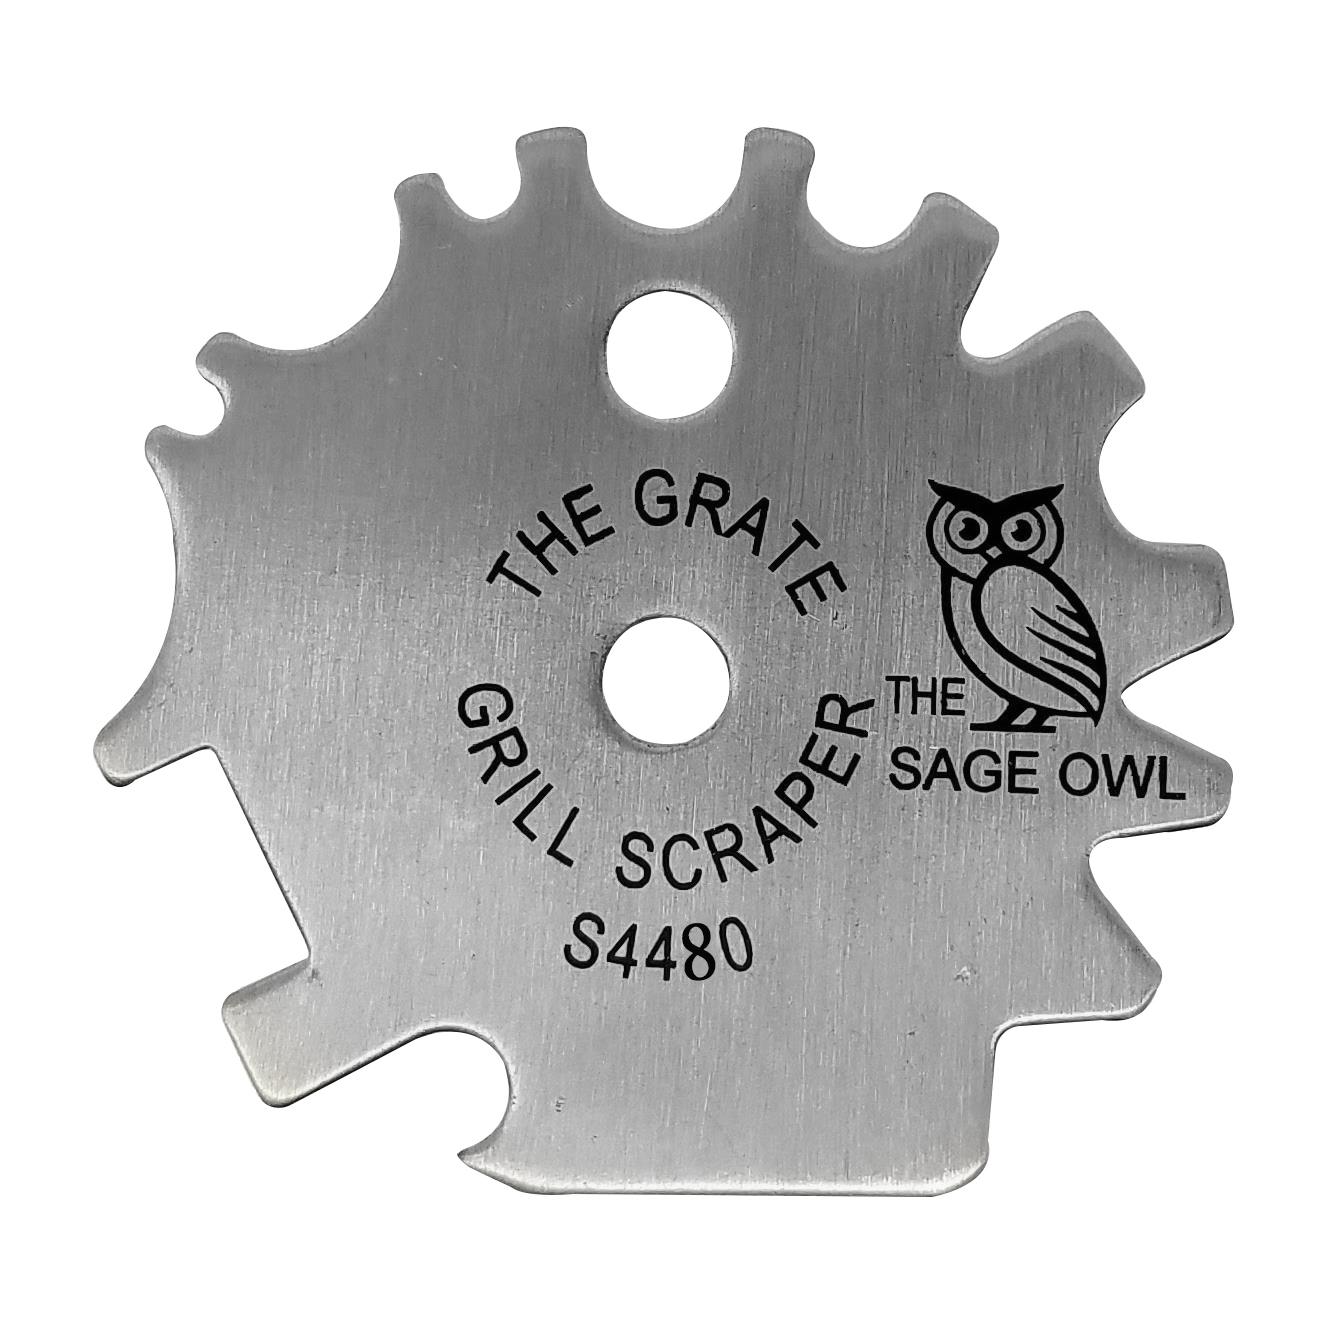 Grate Grill Scraper